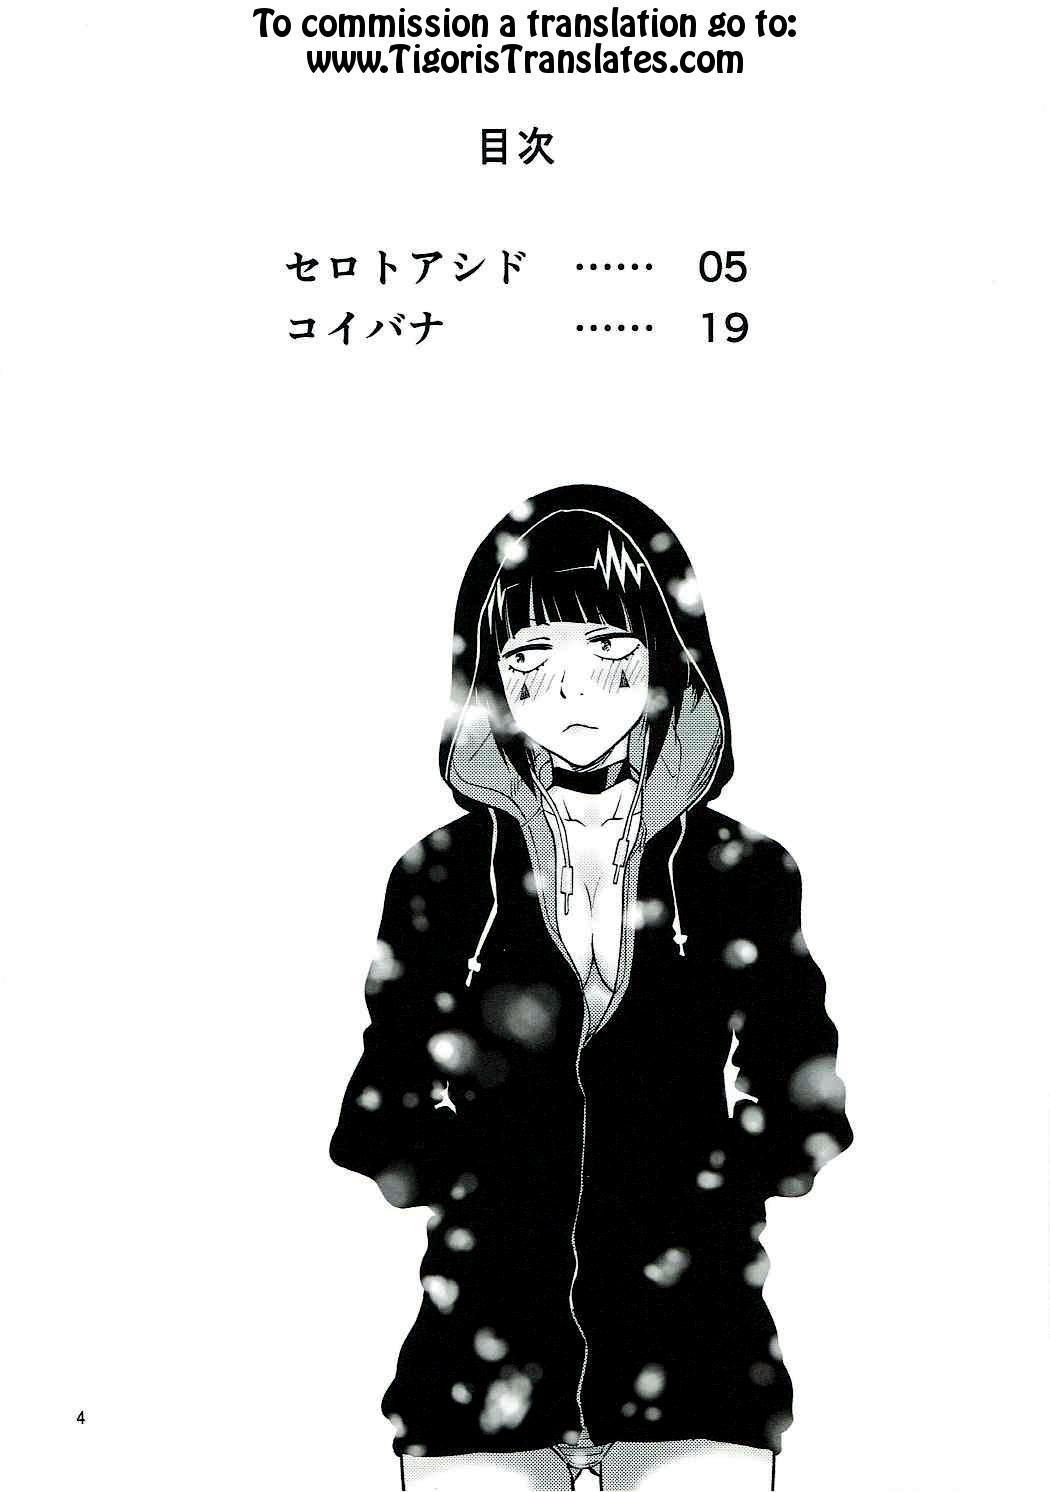 (C91) [HEADROOM (Sakawaki Herodai)] H ERO!! 2 -Side A(Ashido Mina)- Sakawaki Herodai Kojinshi (Boku no Hero Academia) [English] [Tigoris Translates] 2